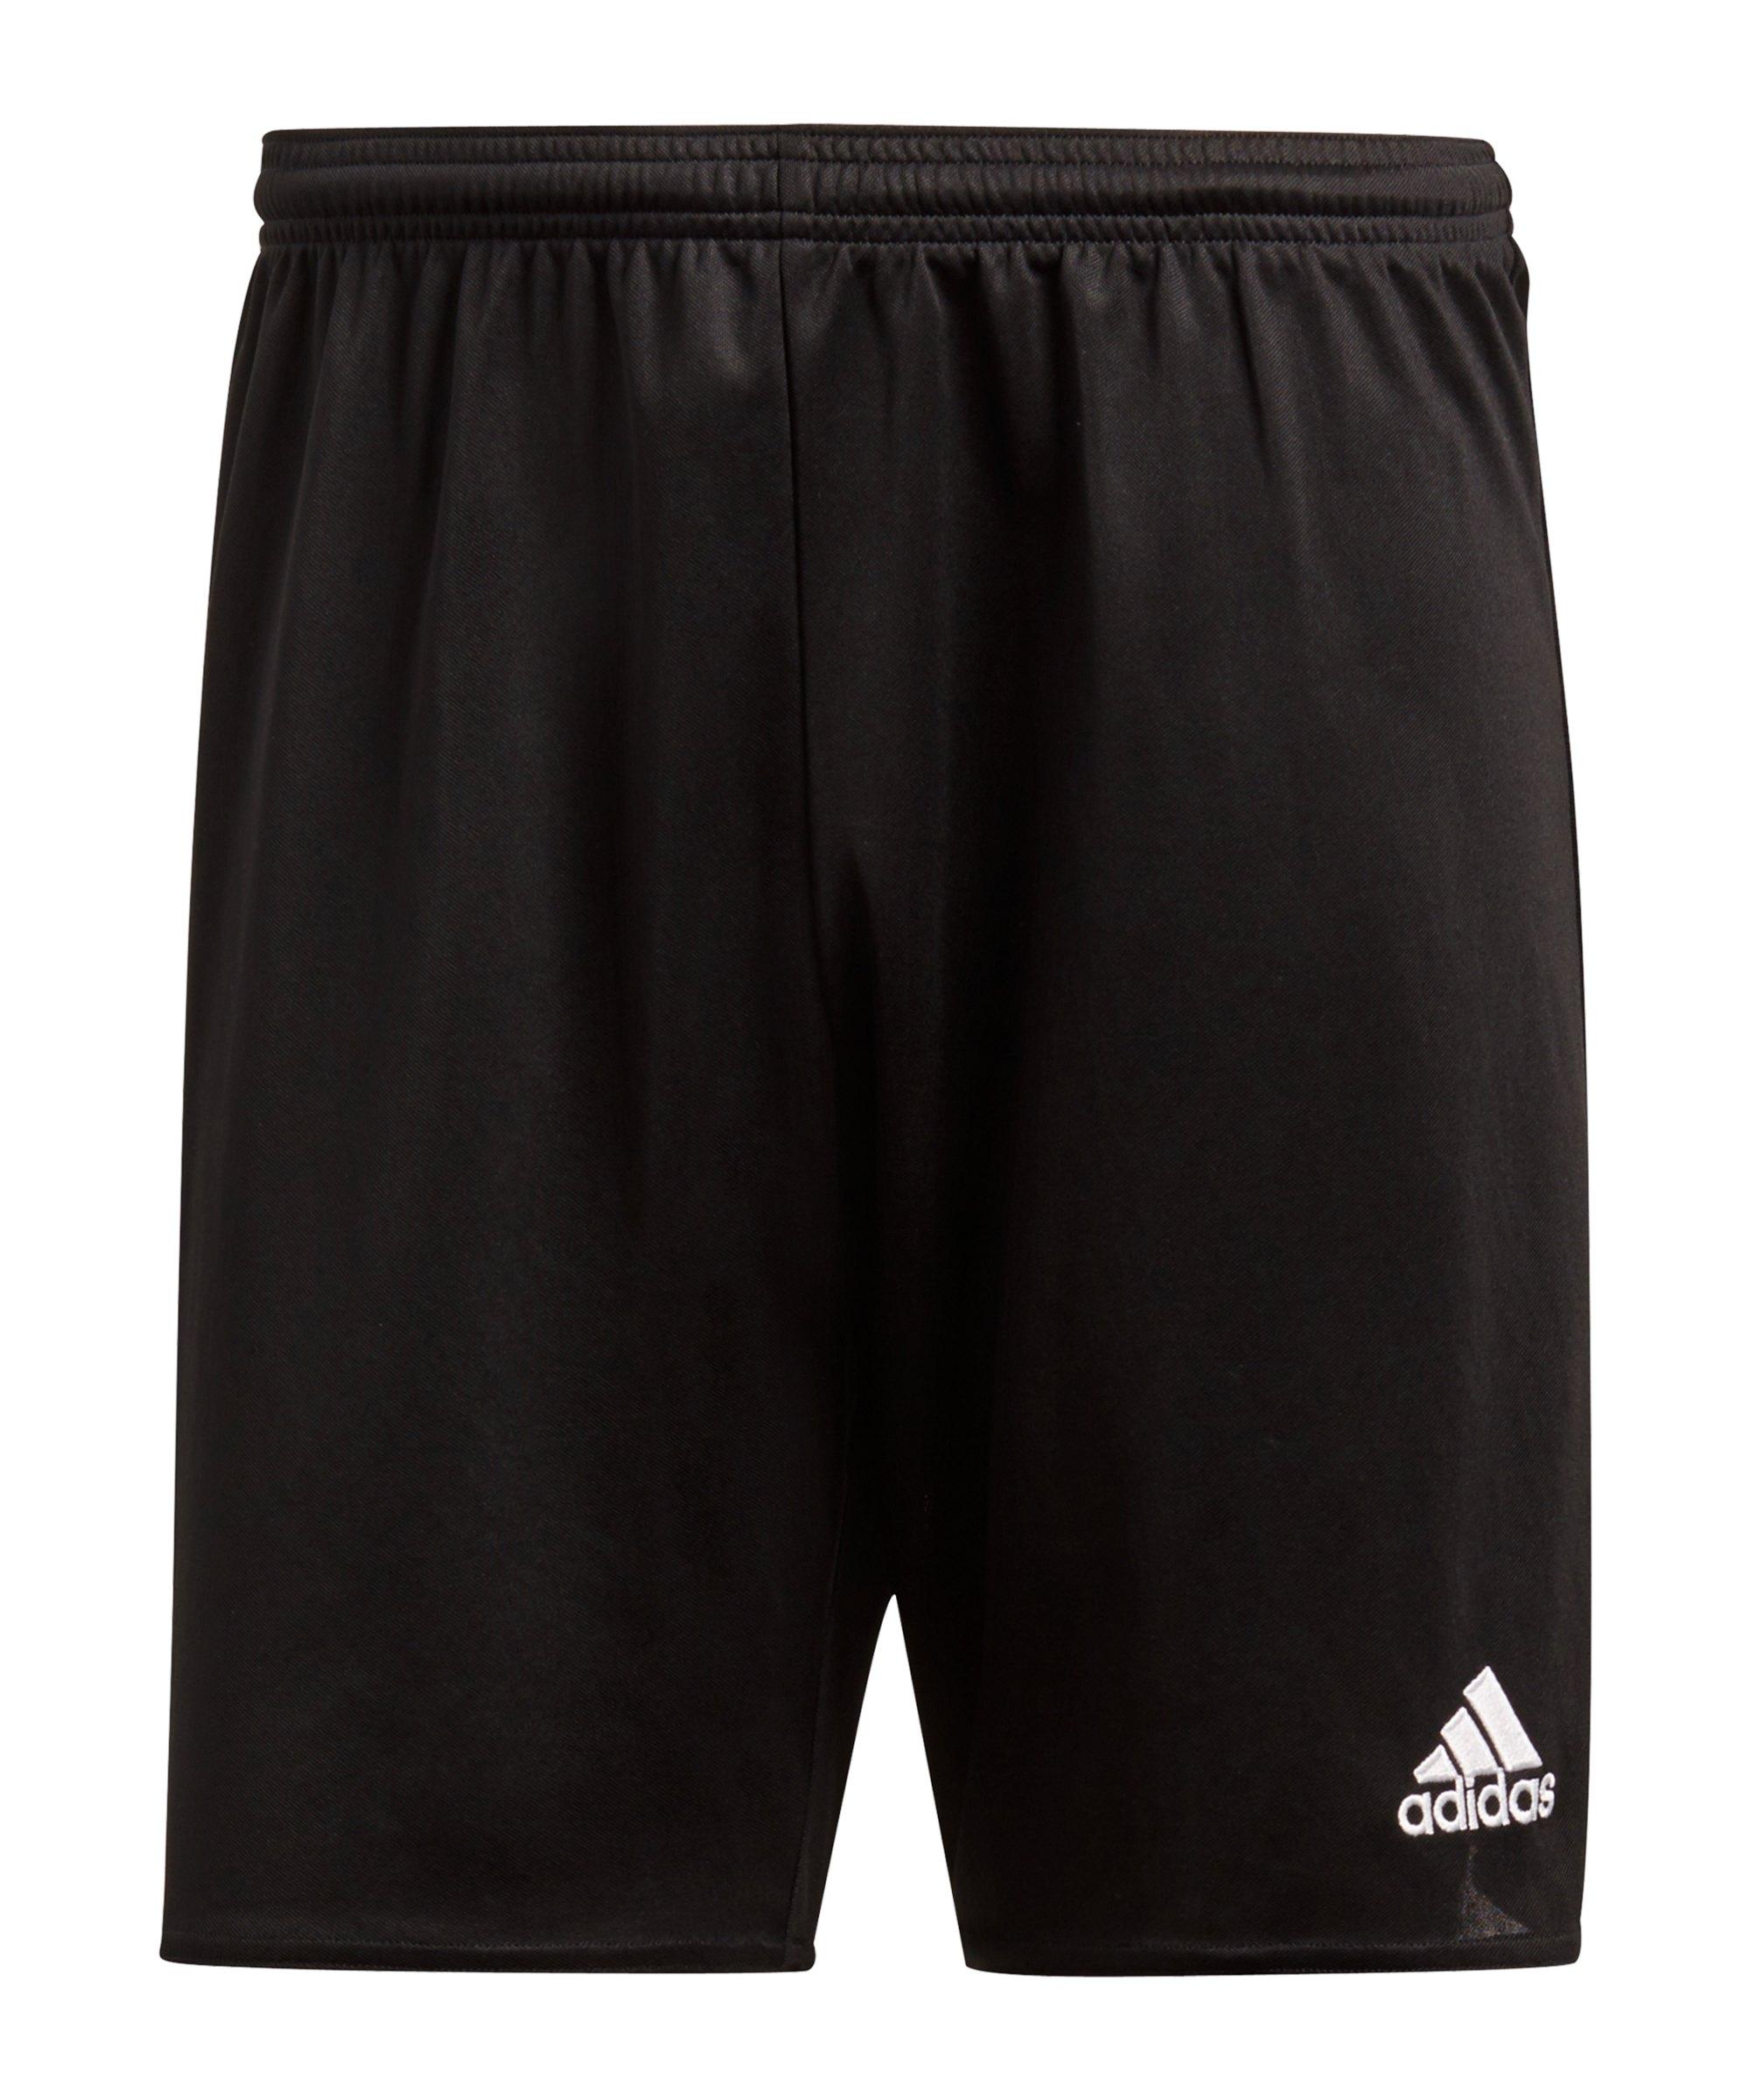 adidas Short ohne Innenslip Parma 16 Kinder - schwarz